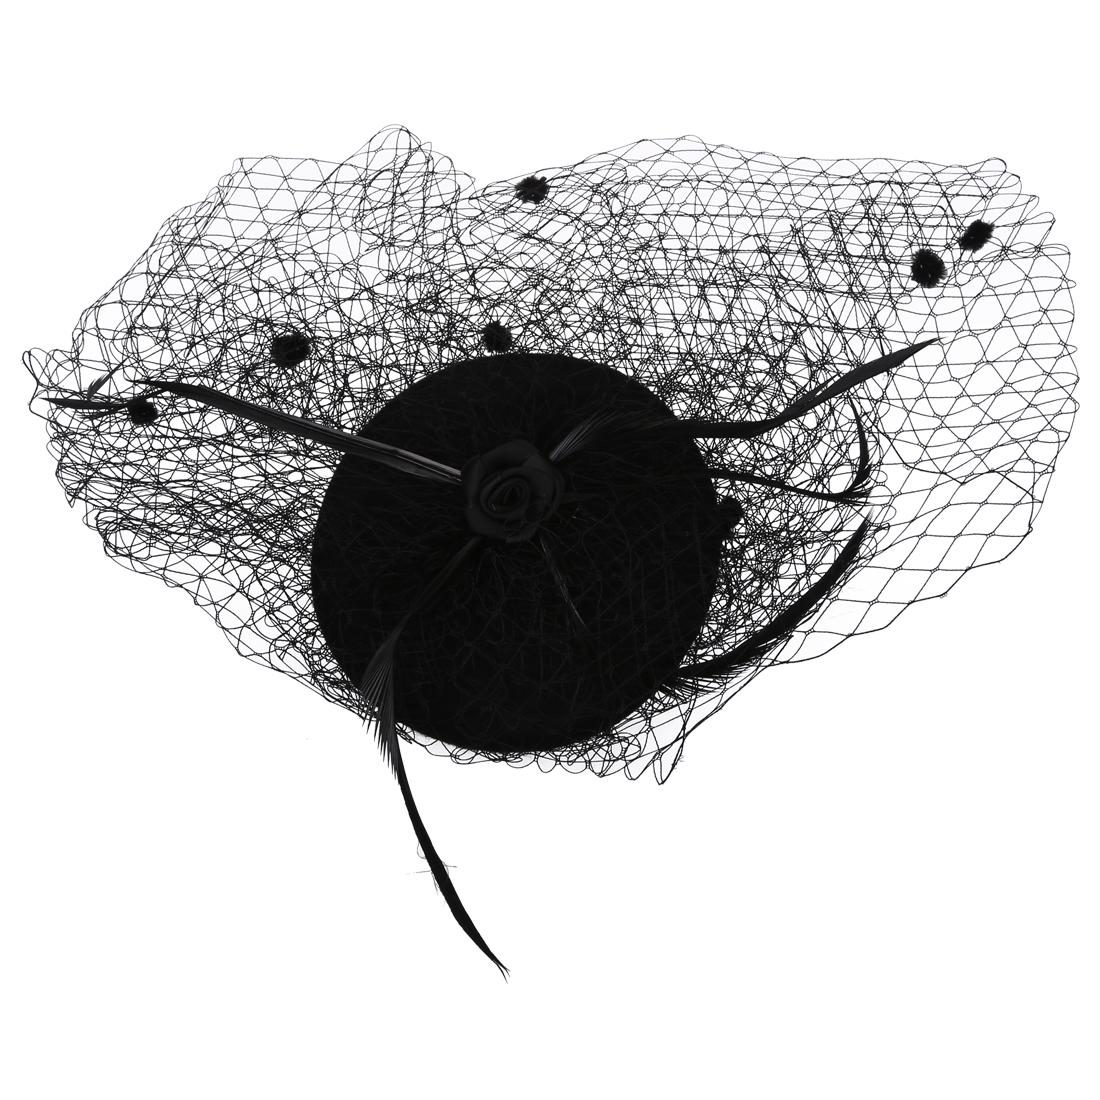 damen haarspange schwarz nettogarn punk burlesque mini hut schwarz ma ebay. Black Bedroom Furniture Sets. Home Design Ideas